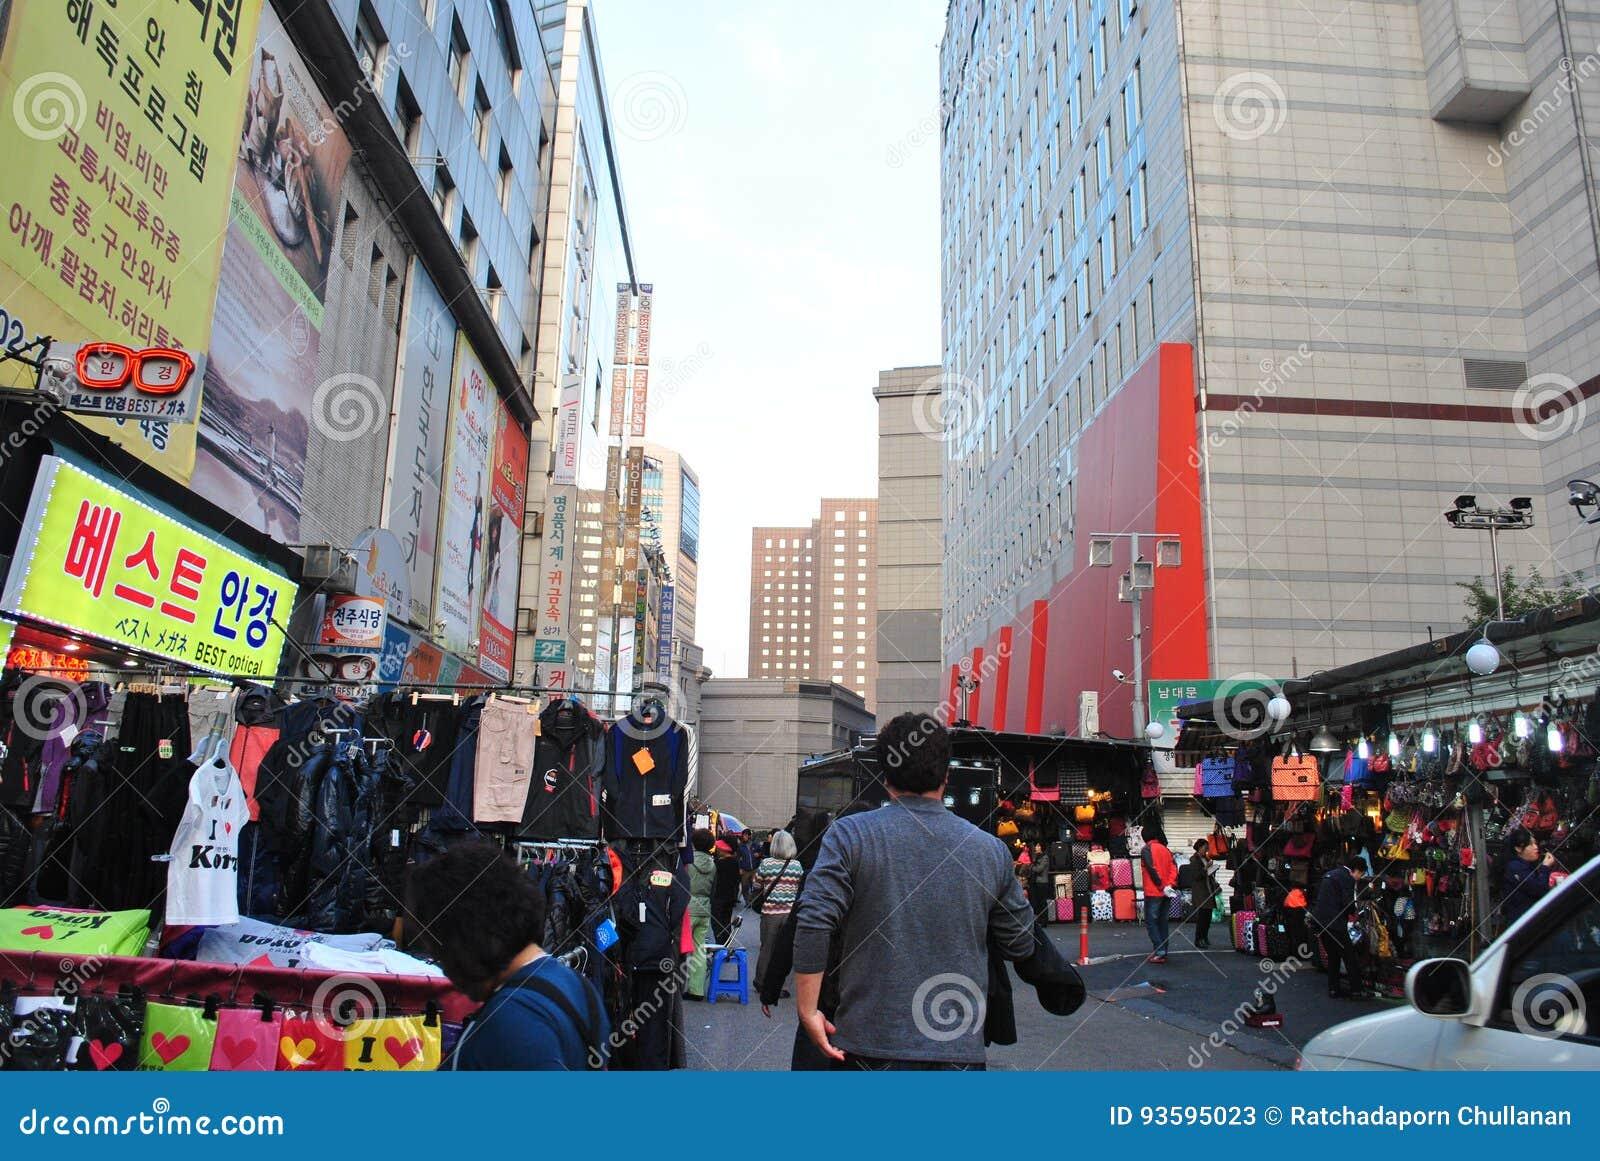 Marché de rue à Séoul